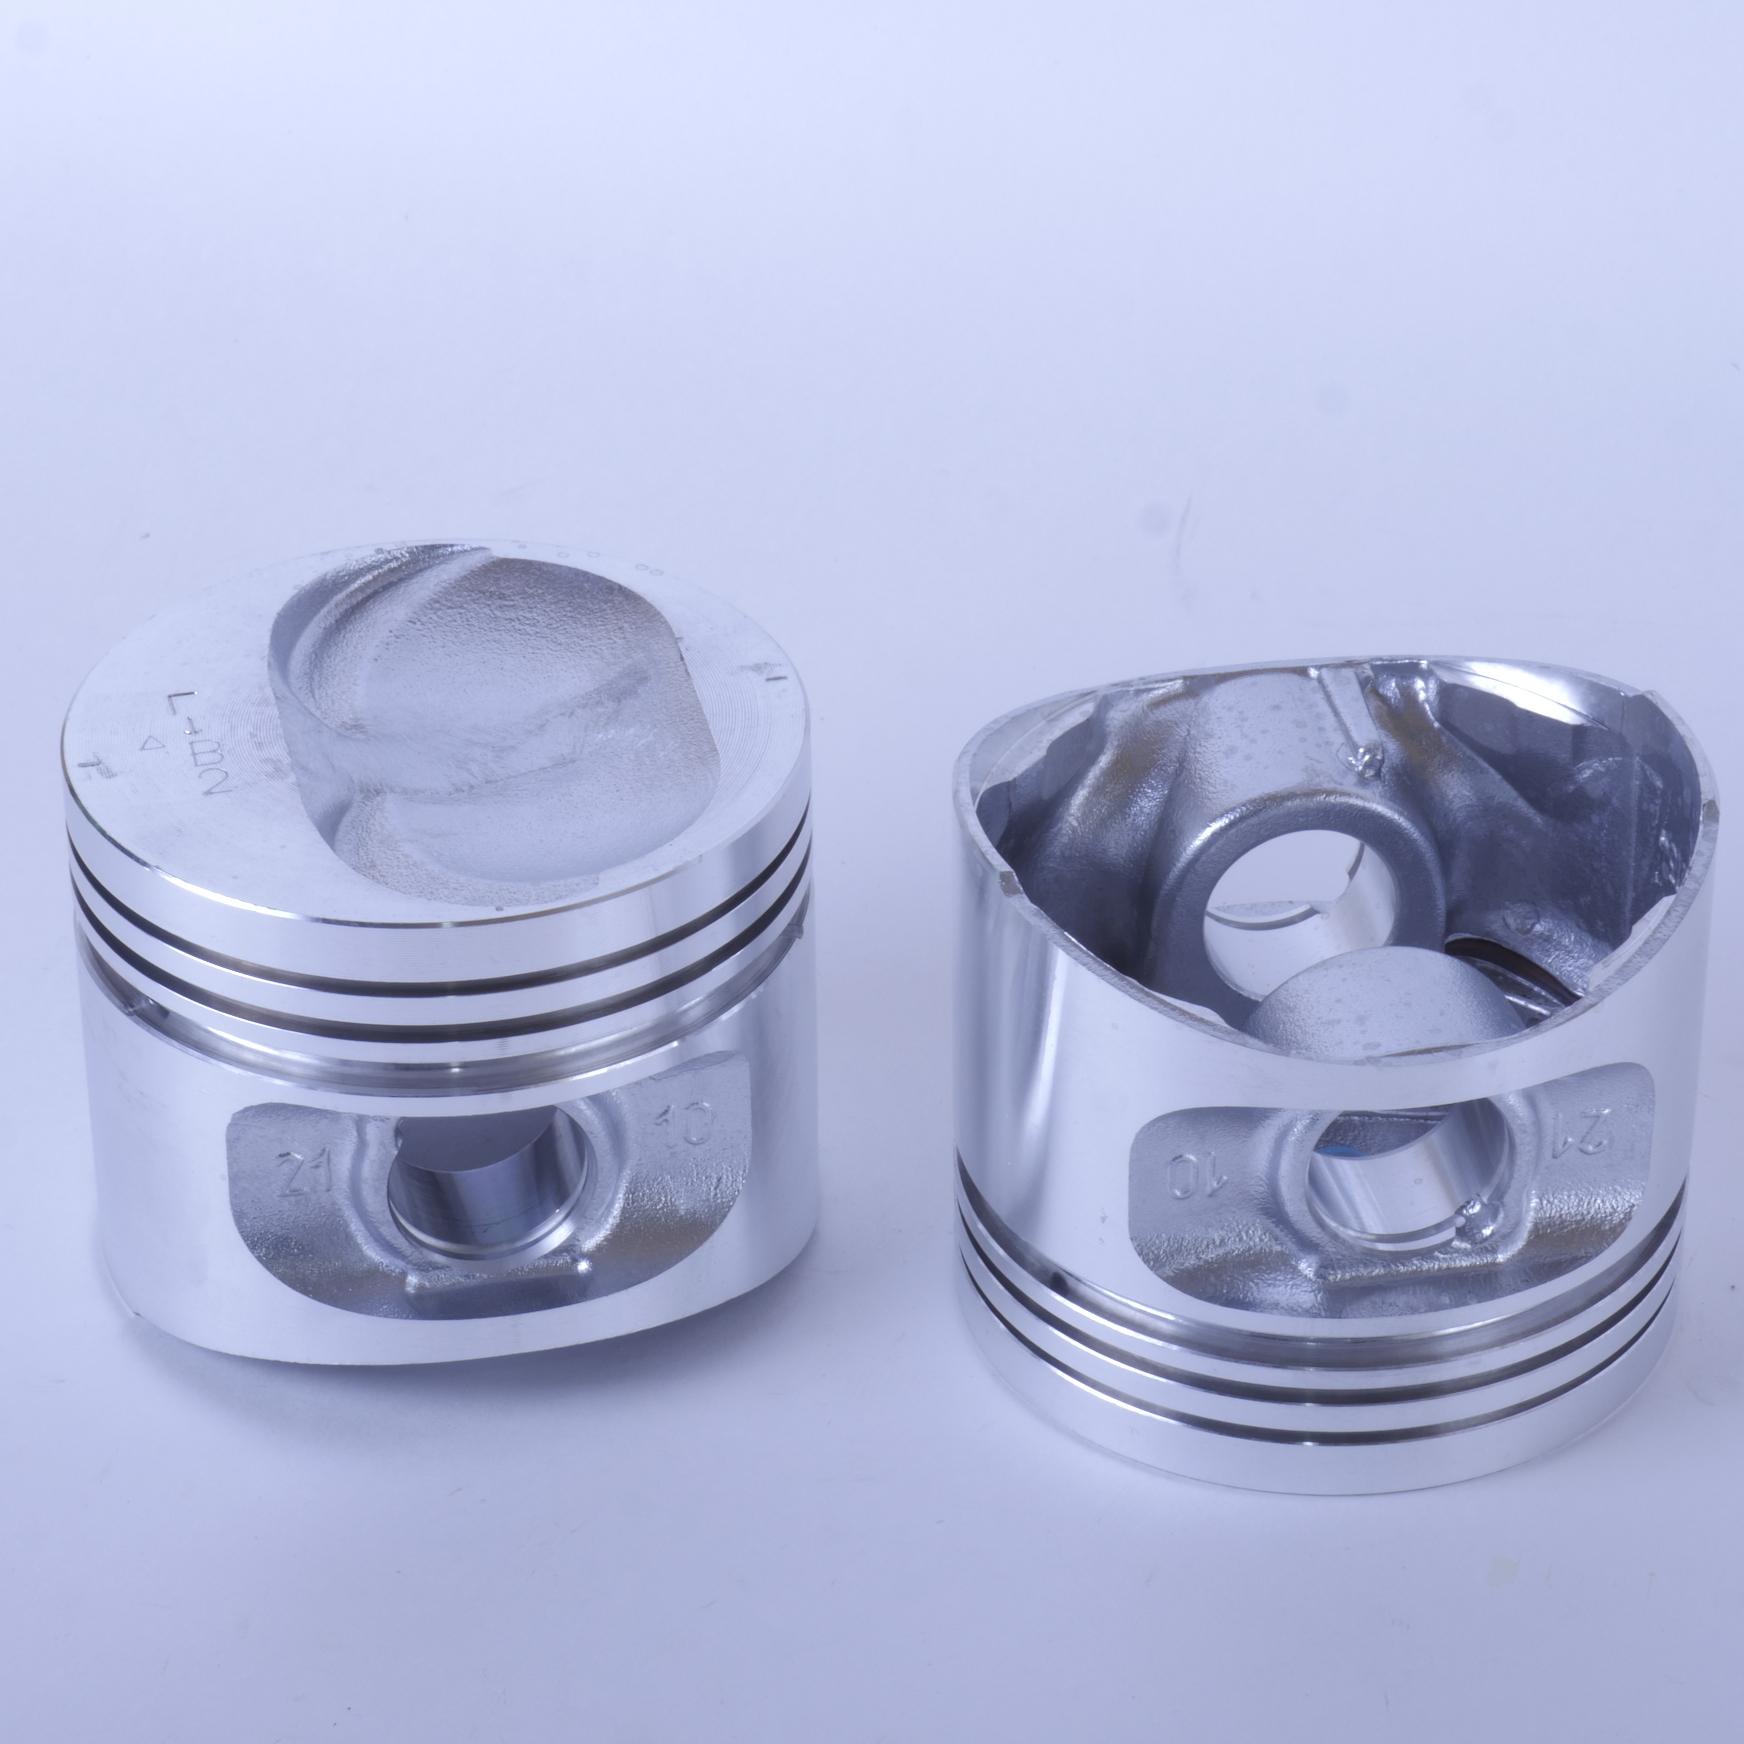 Комплект поршней ВАЗ-2108 … -2112 и LADA Samara (поршни+пальцы+поршневые кольца), 1 ремонтный размер (d=82,4)